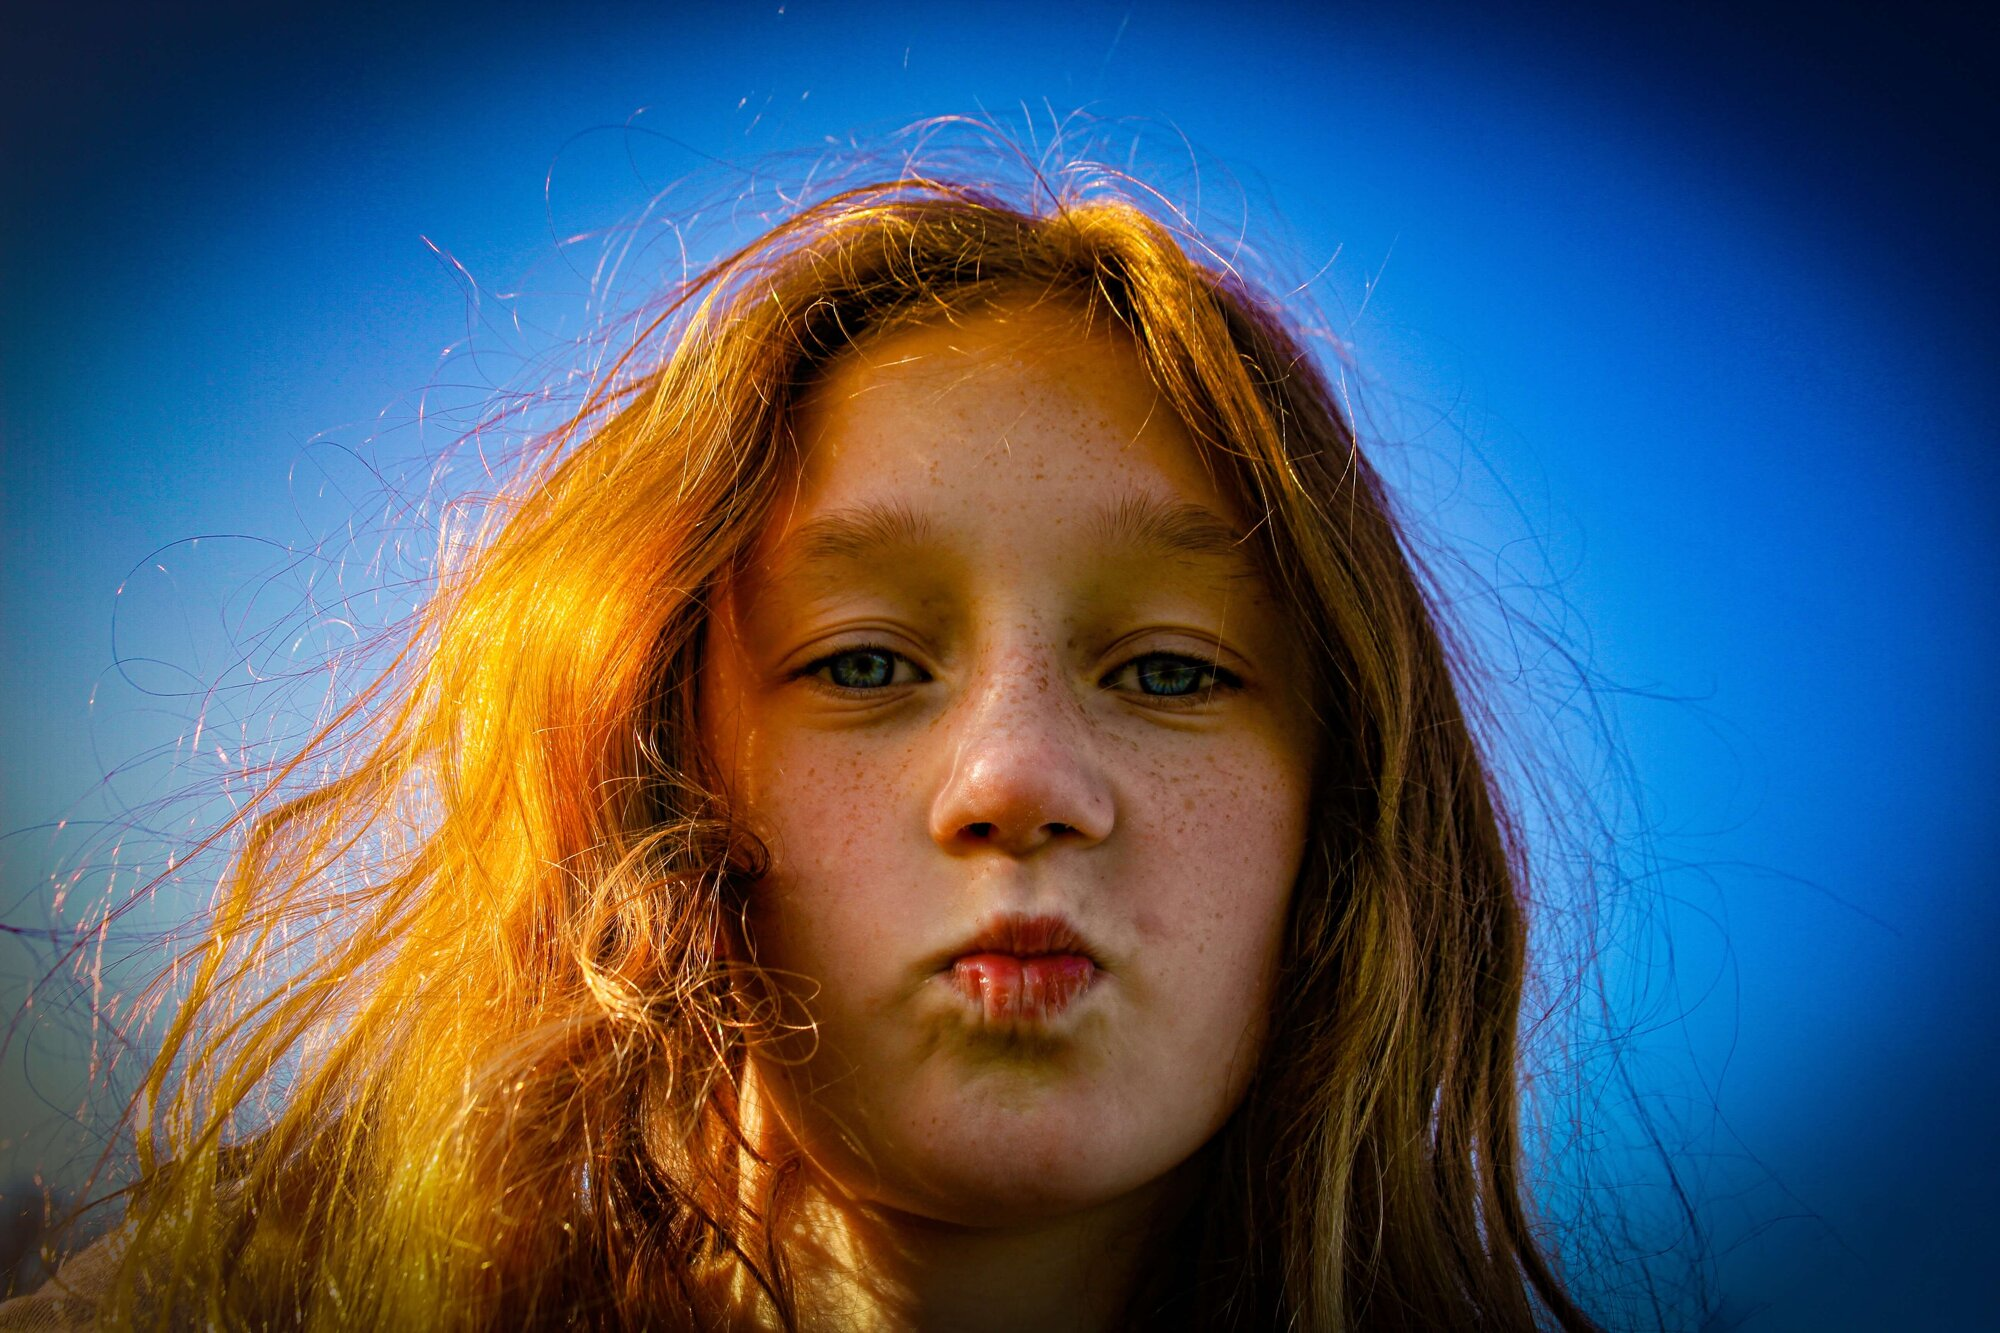 Девочка - подросток